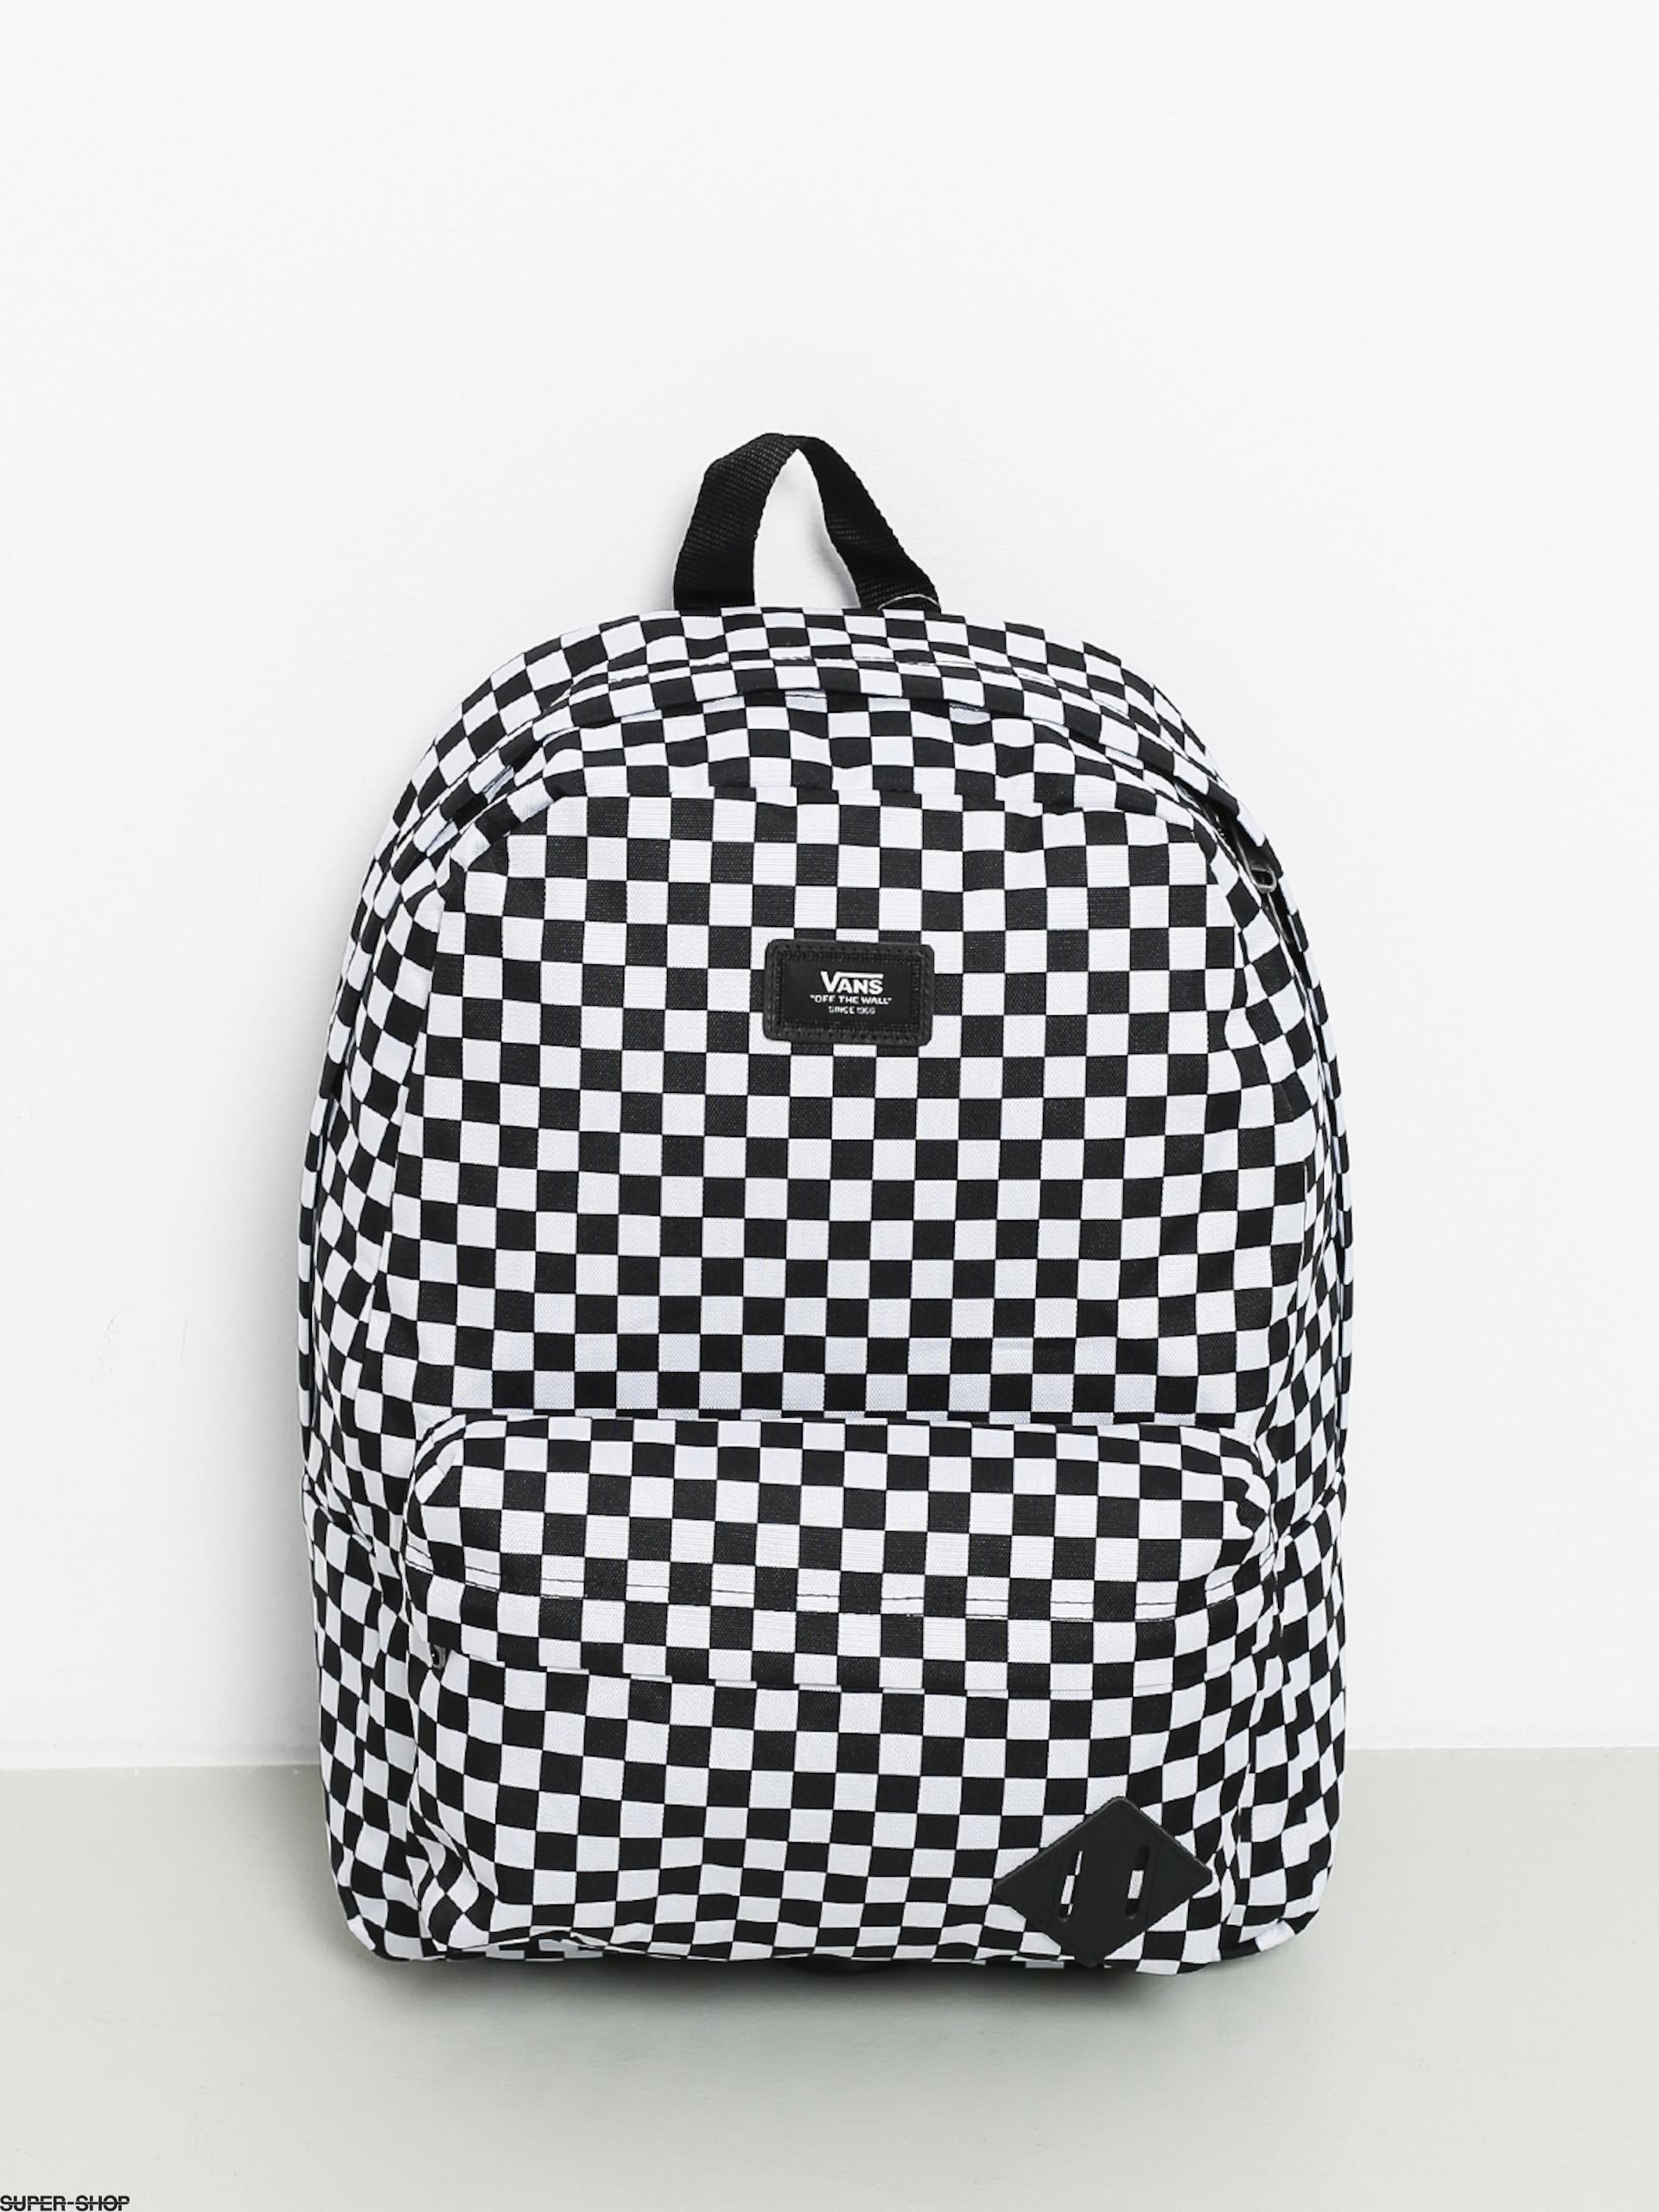 Vans Old Skool II backpack black white checked